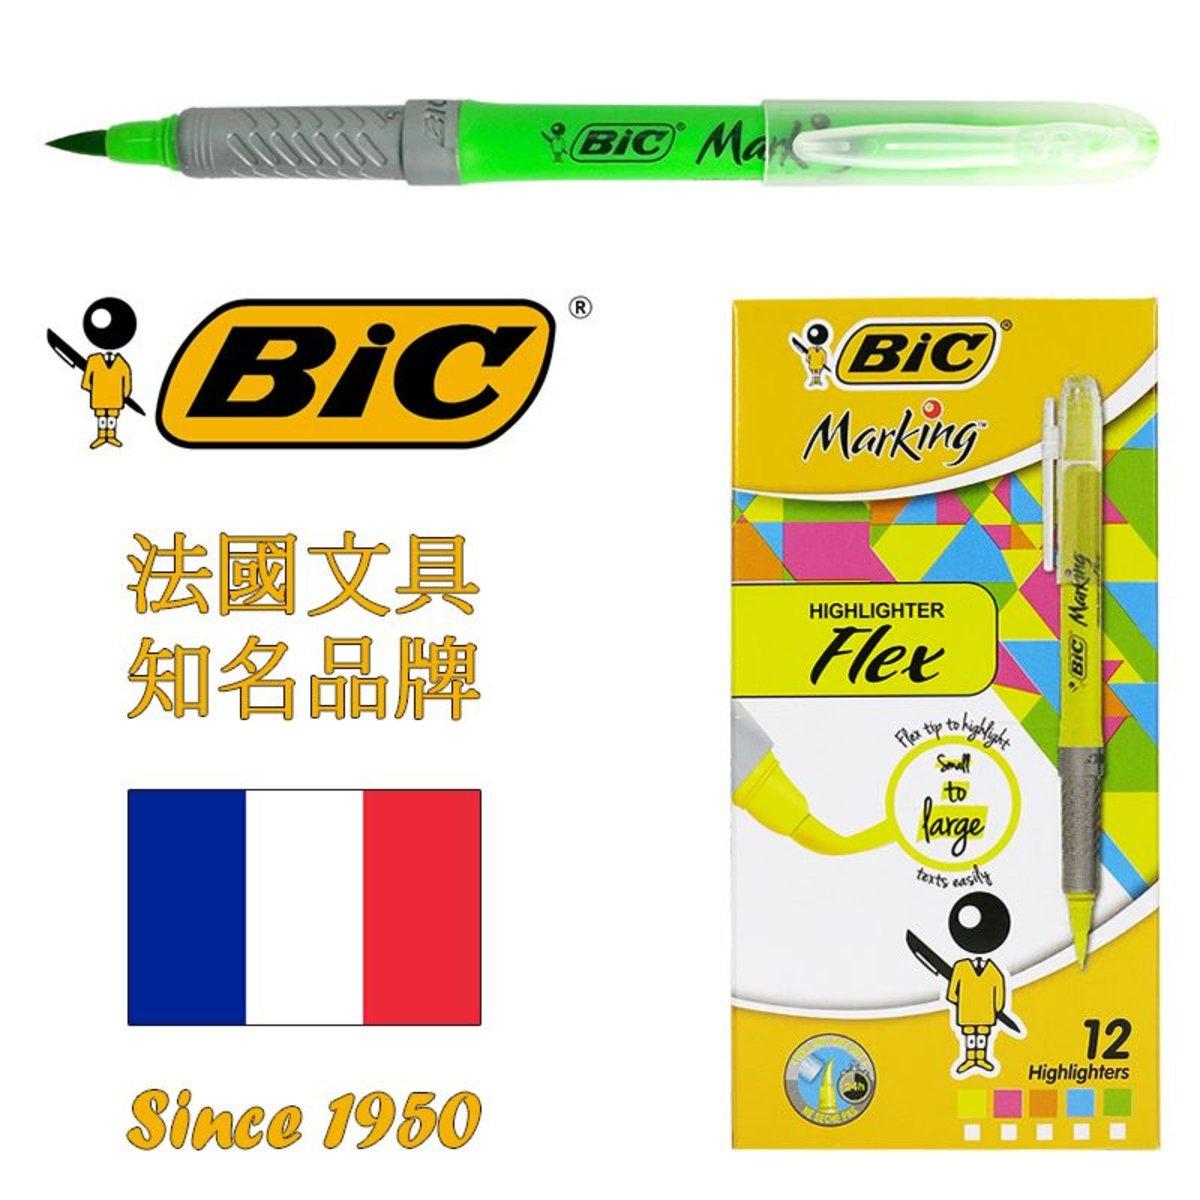 Marking Highlighter Flex Pen – Green (Made in USA) | 12 pcs/box